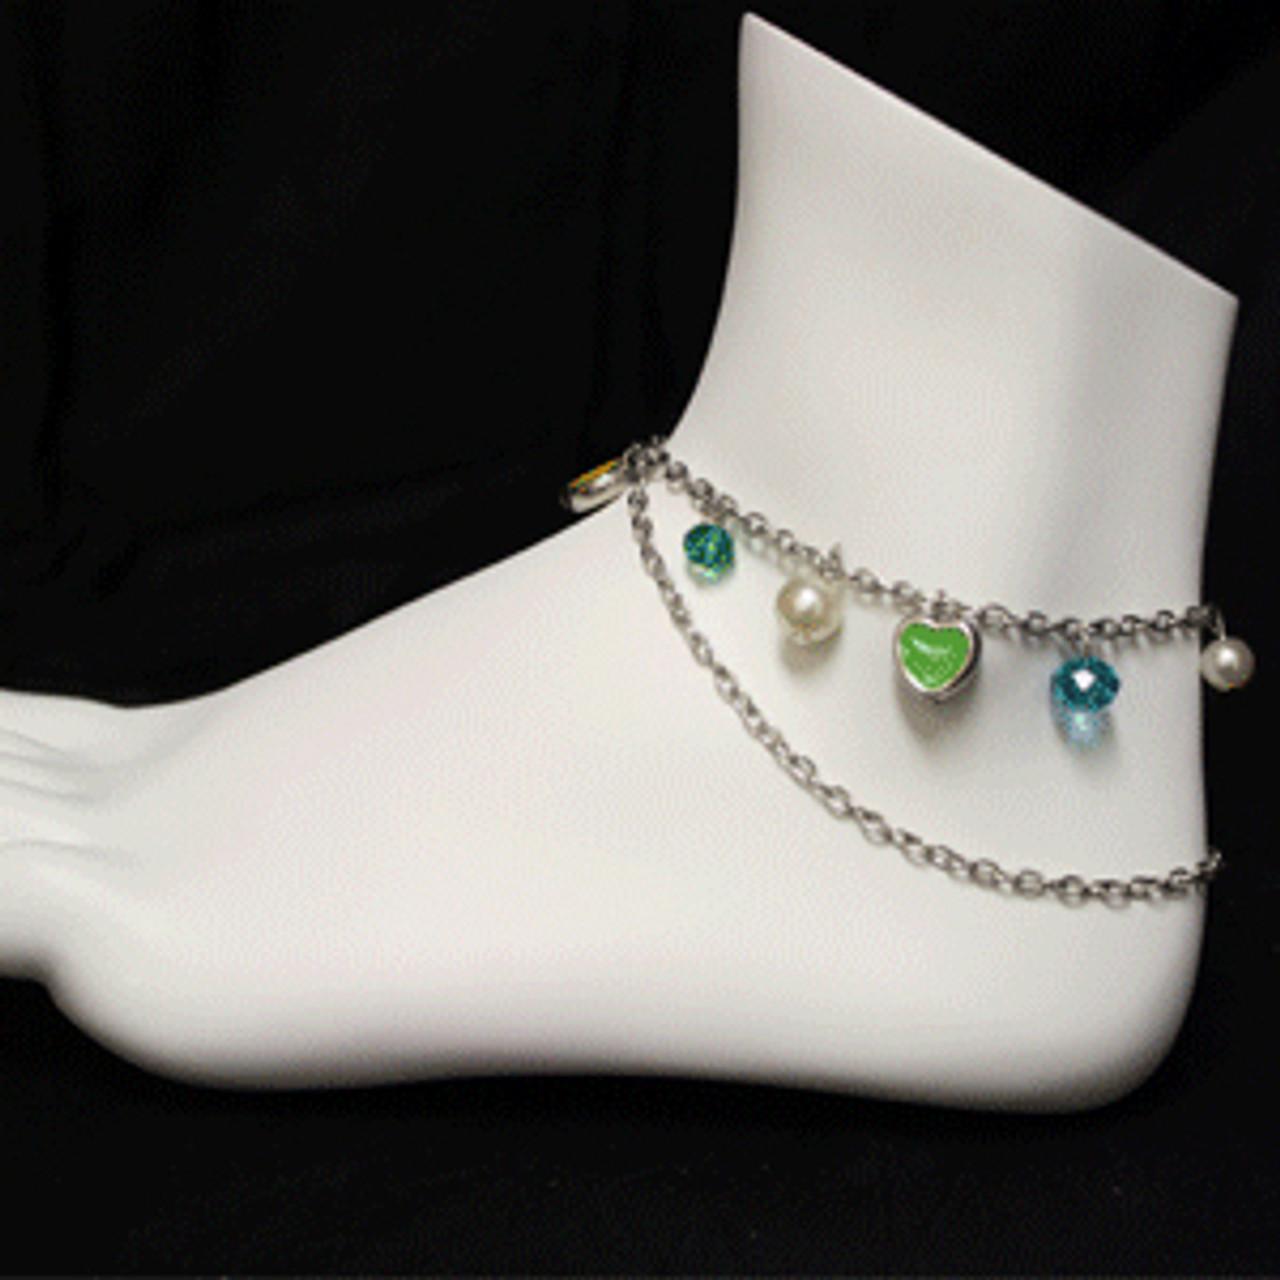 Girls ankle bracelet